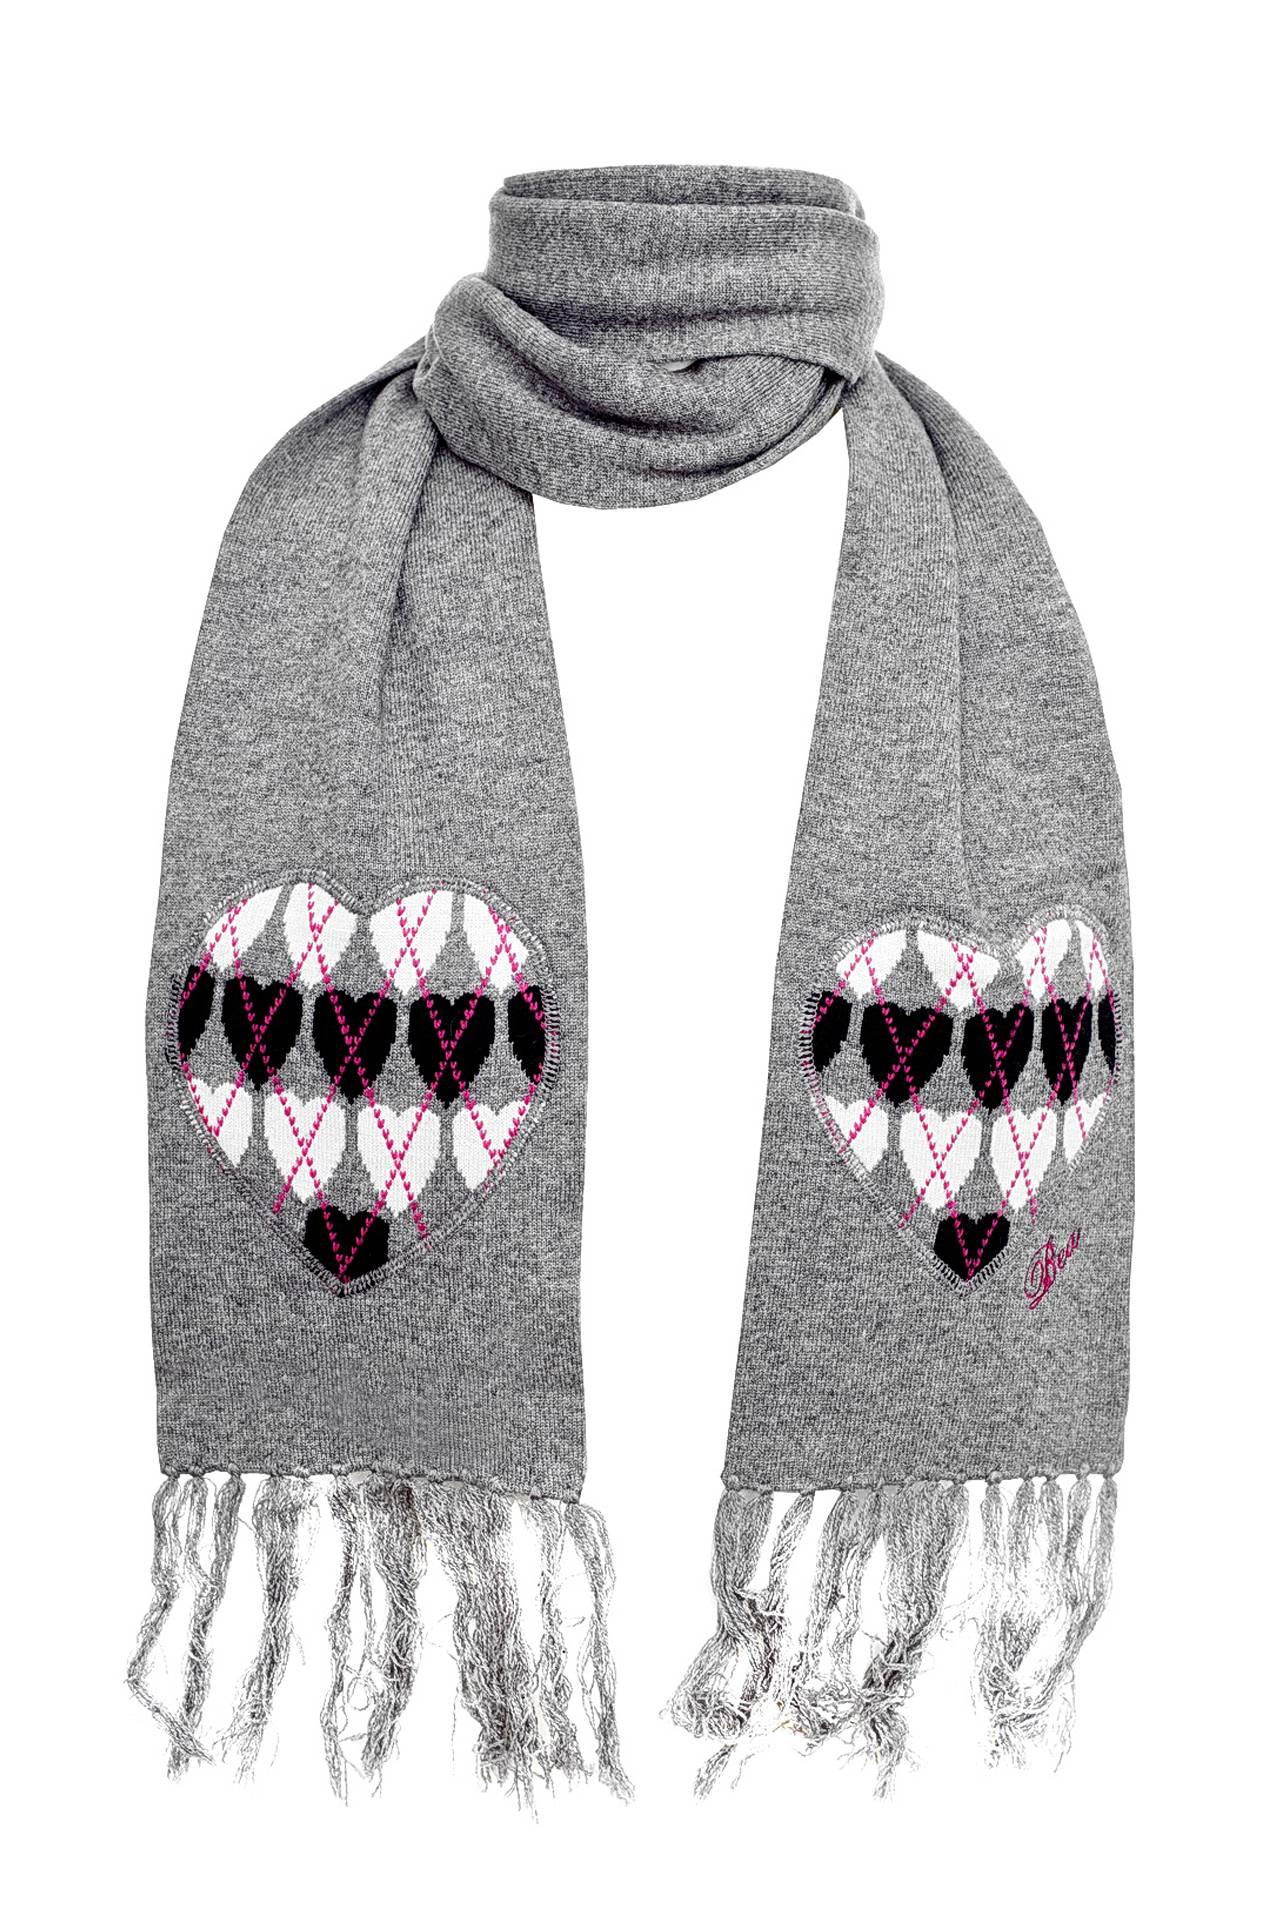 Шарф BEA YUK MUI [супермаркет] jingdong свирепый гданьска шведская кроны wpj430978 г ж бифштексы национального ветра шарф шаль шарфы большой черное